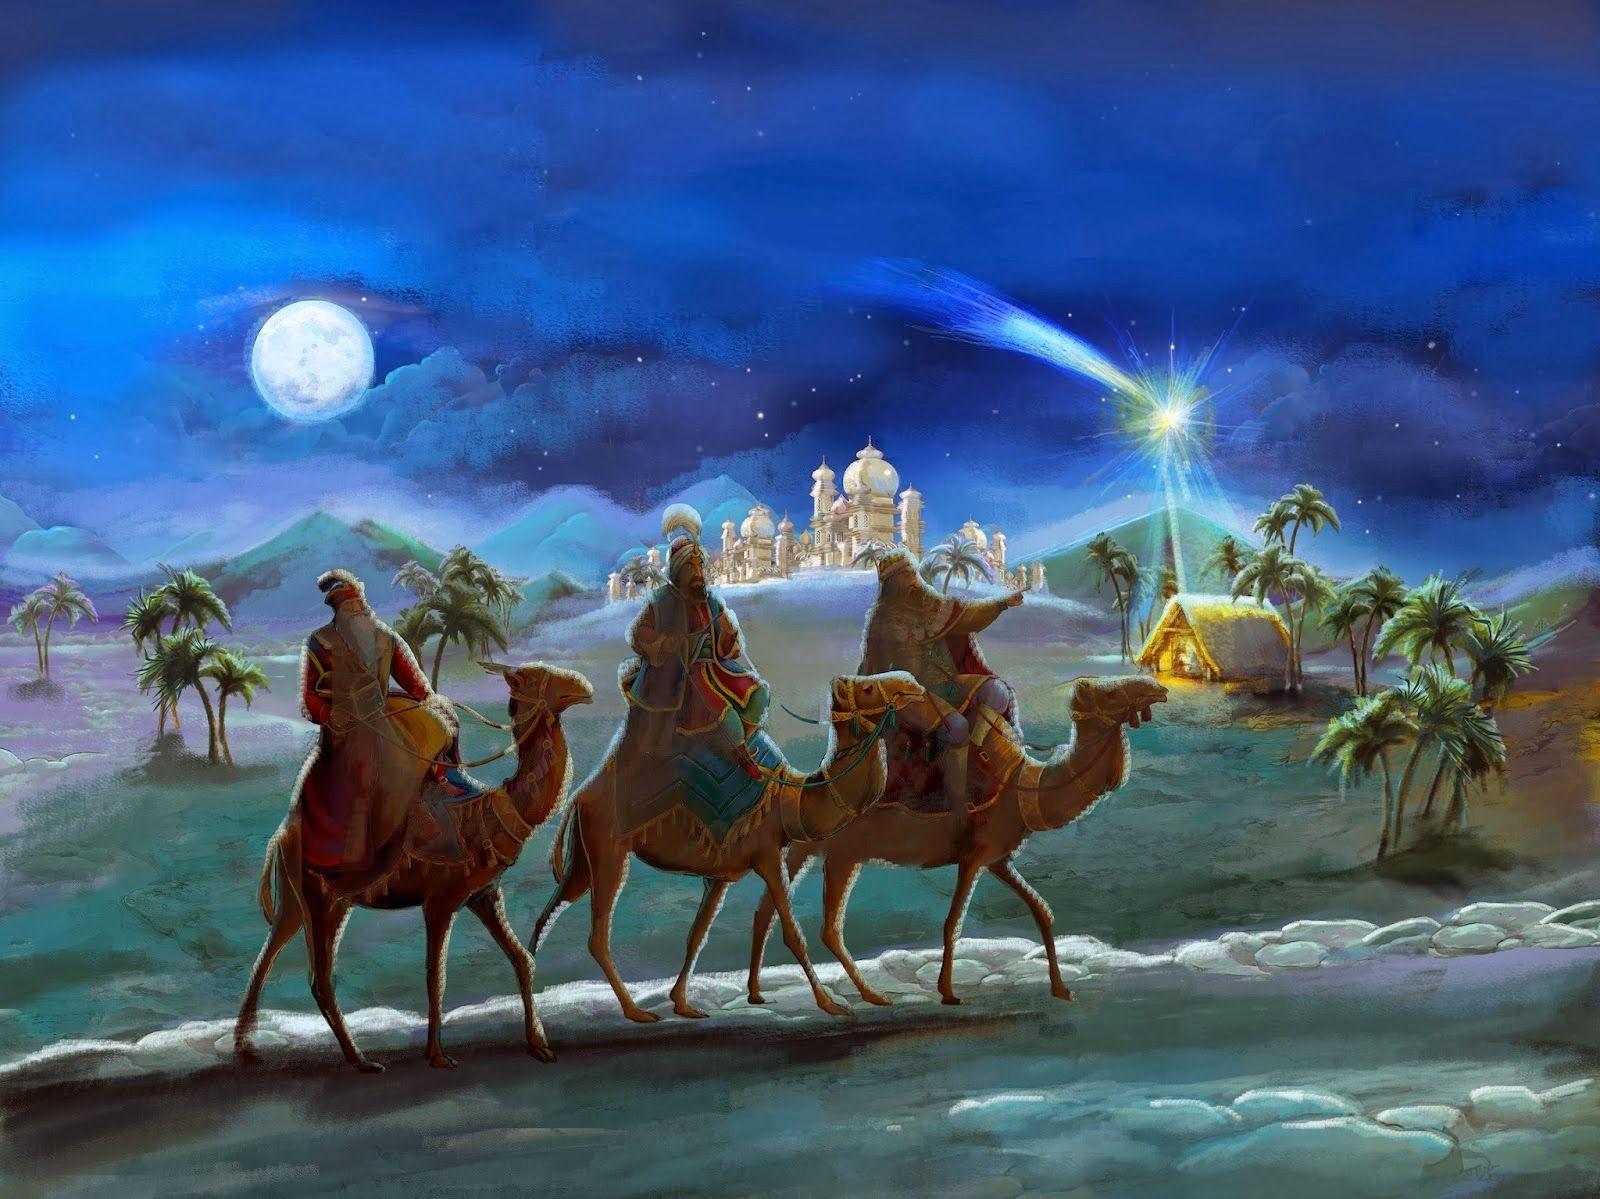 Fondos Verdes De Navidad Para Pantalla Hd 2 Hd Wallpapers: Fondos Navidad Reyes Magos Para Fondo De Pantalla En 4K 7